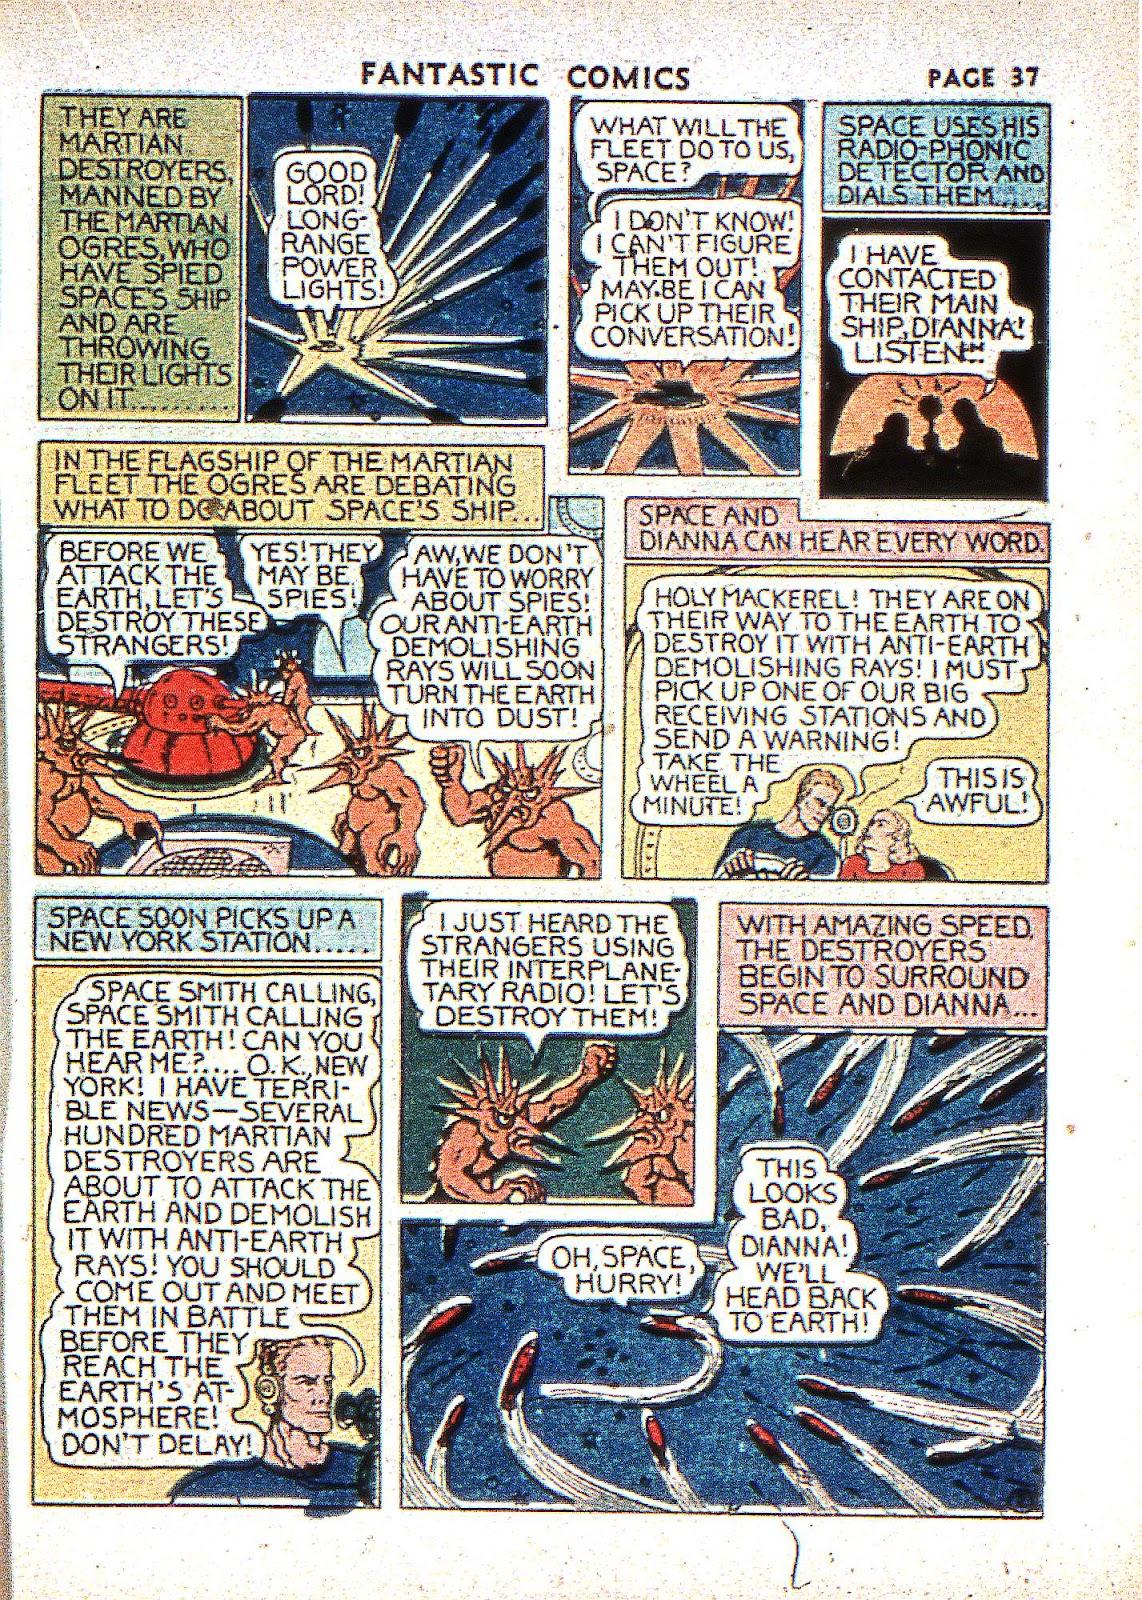 Read online Fantastic Comics comic -  Issue #2 - 38